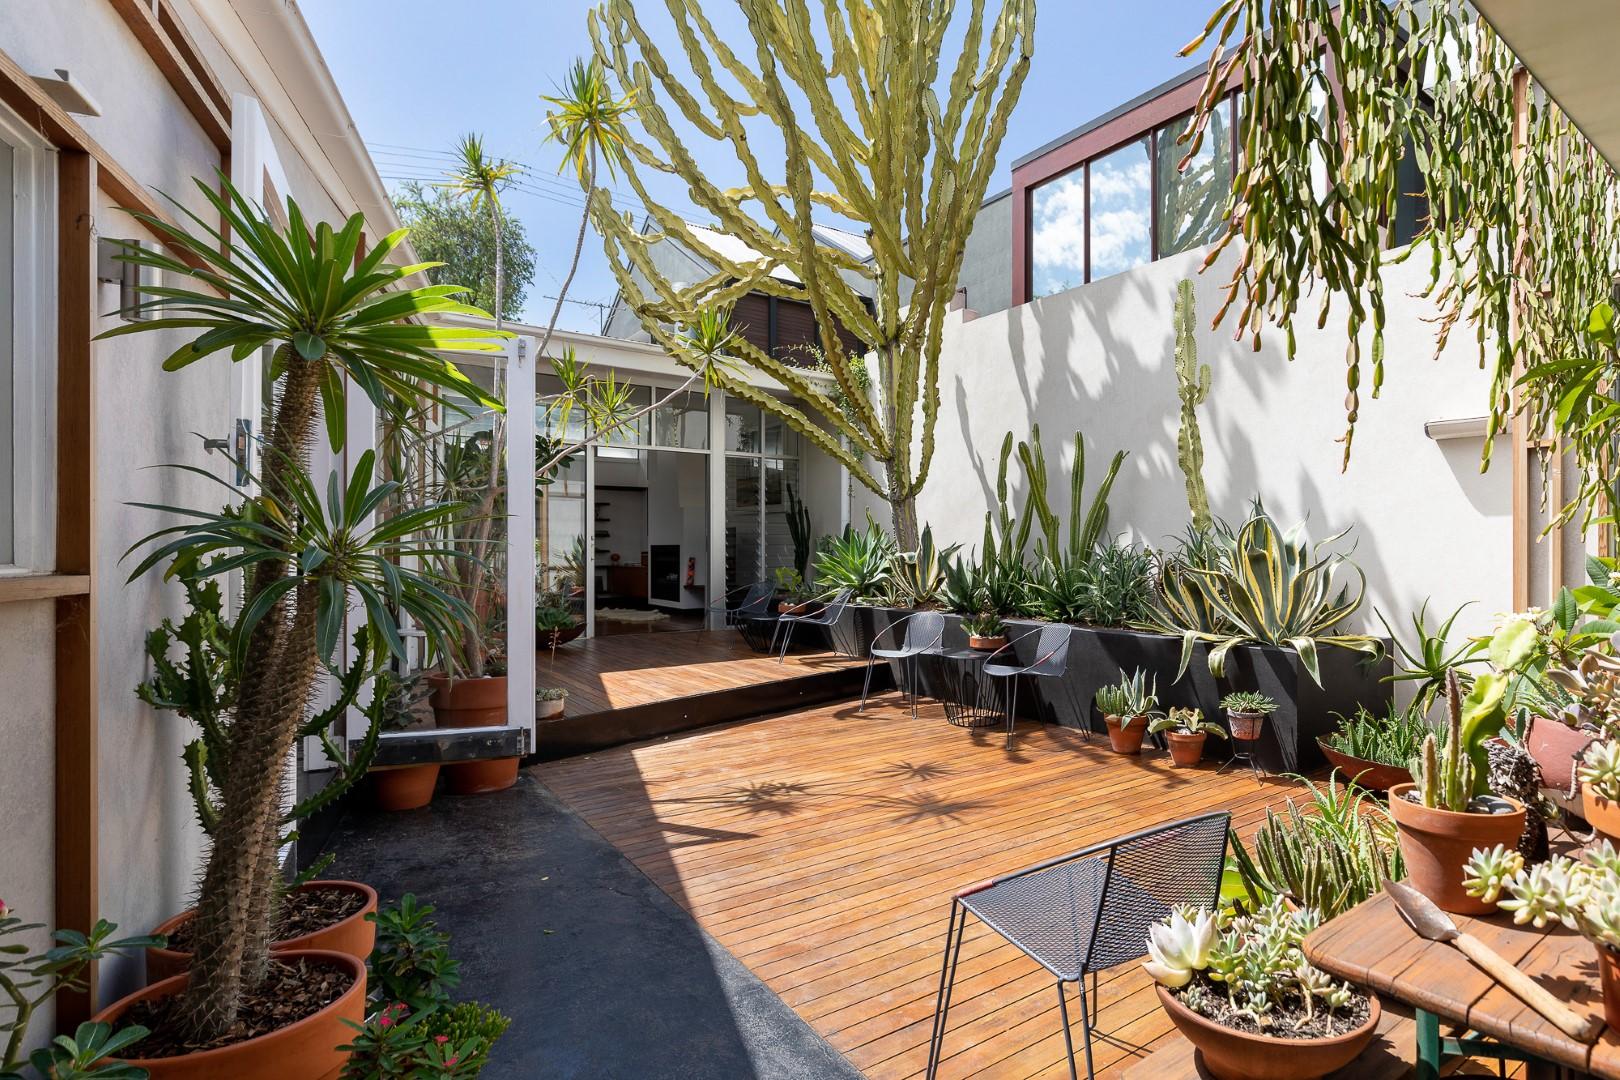 Leichhardt Courtyard House